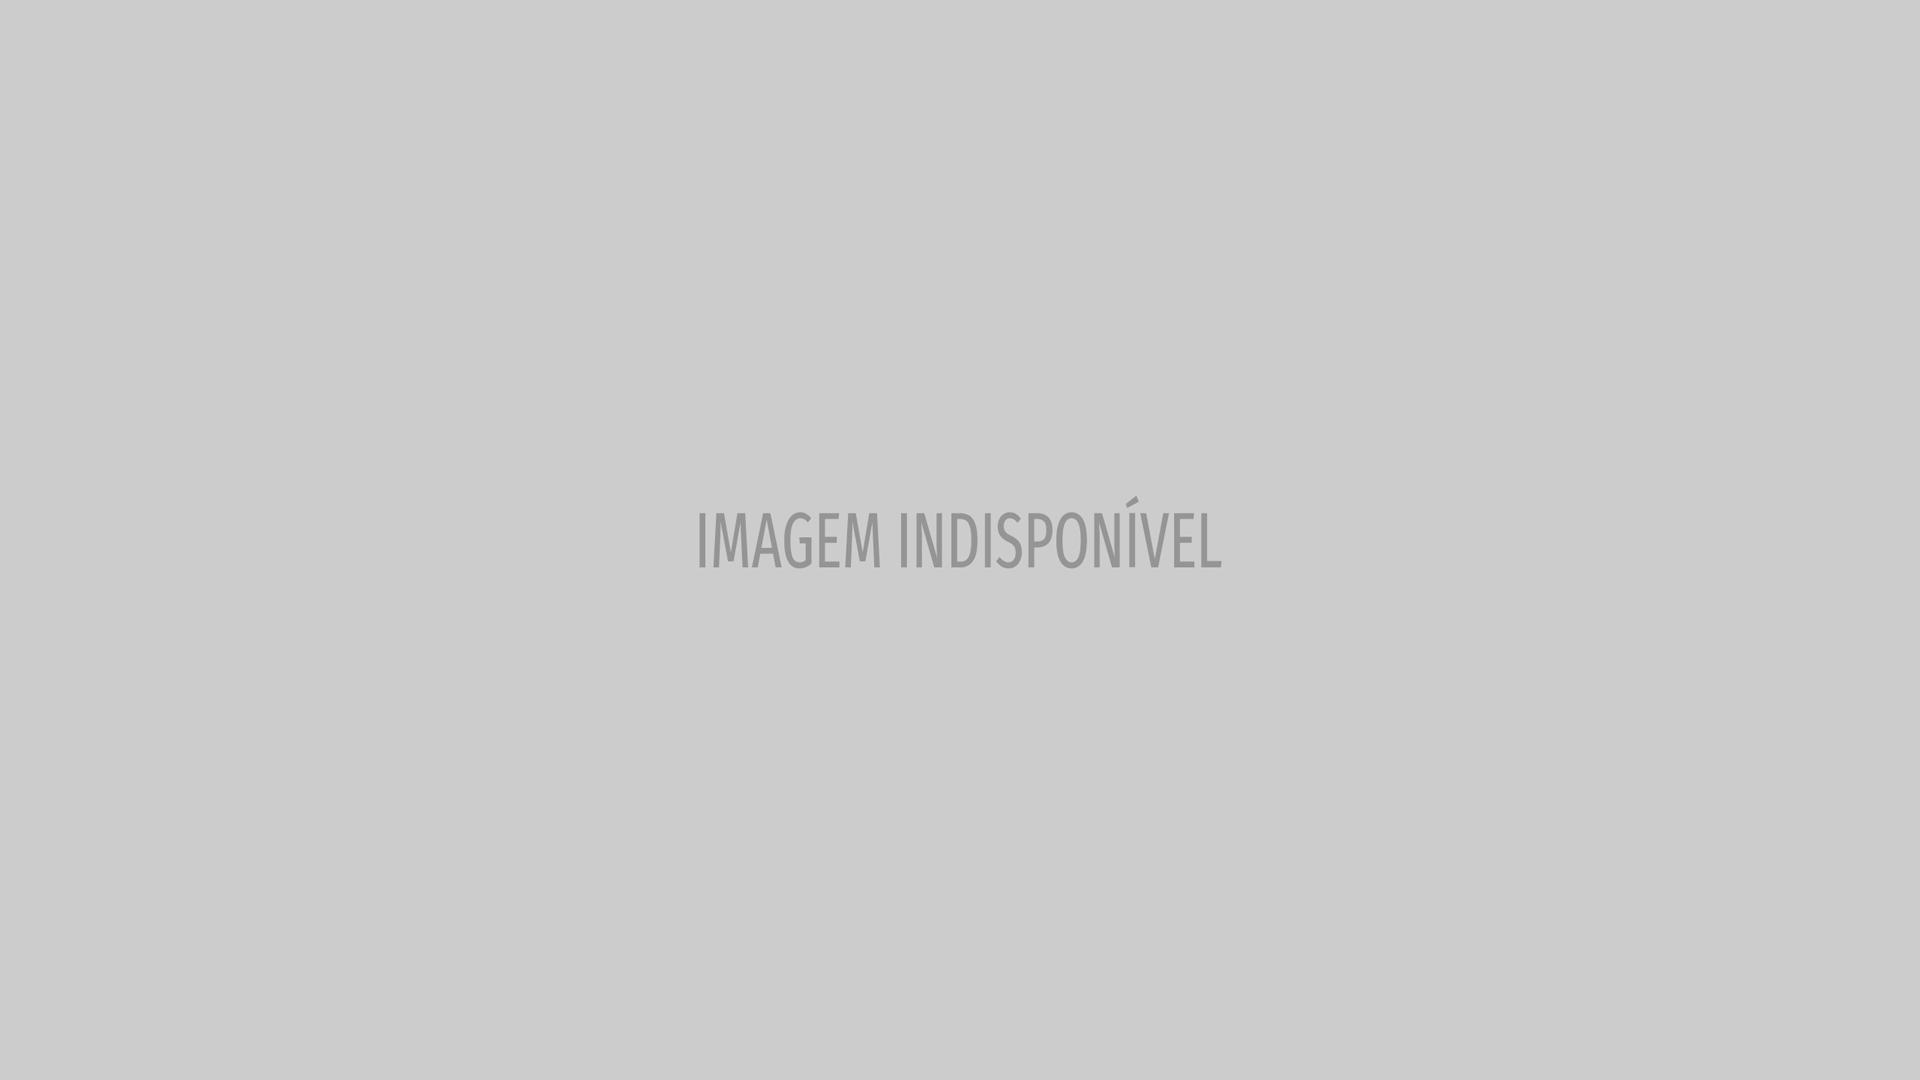 Filho de Temer fez campanha para Haddad e estuda cinema